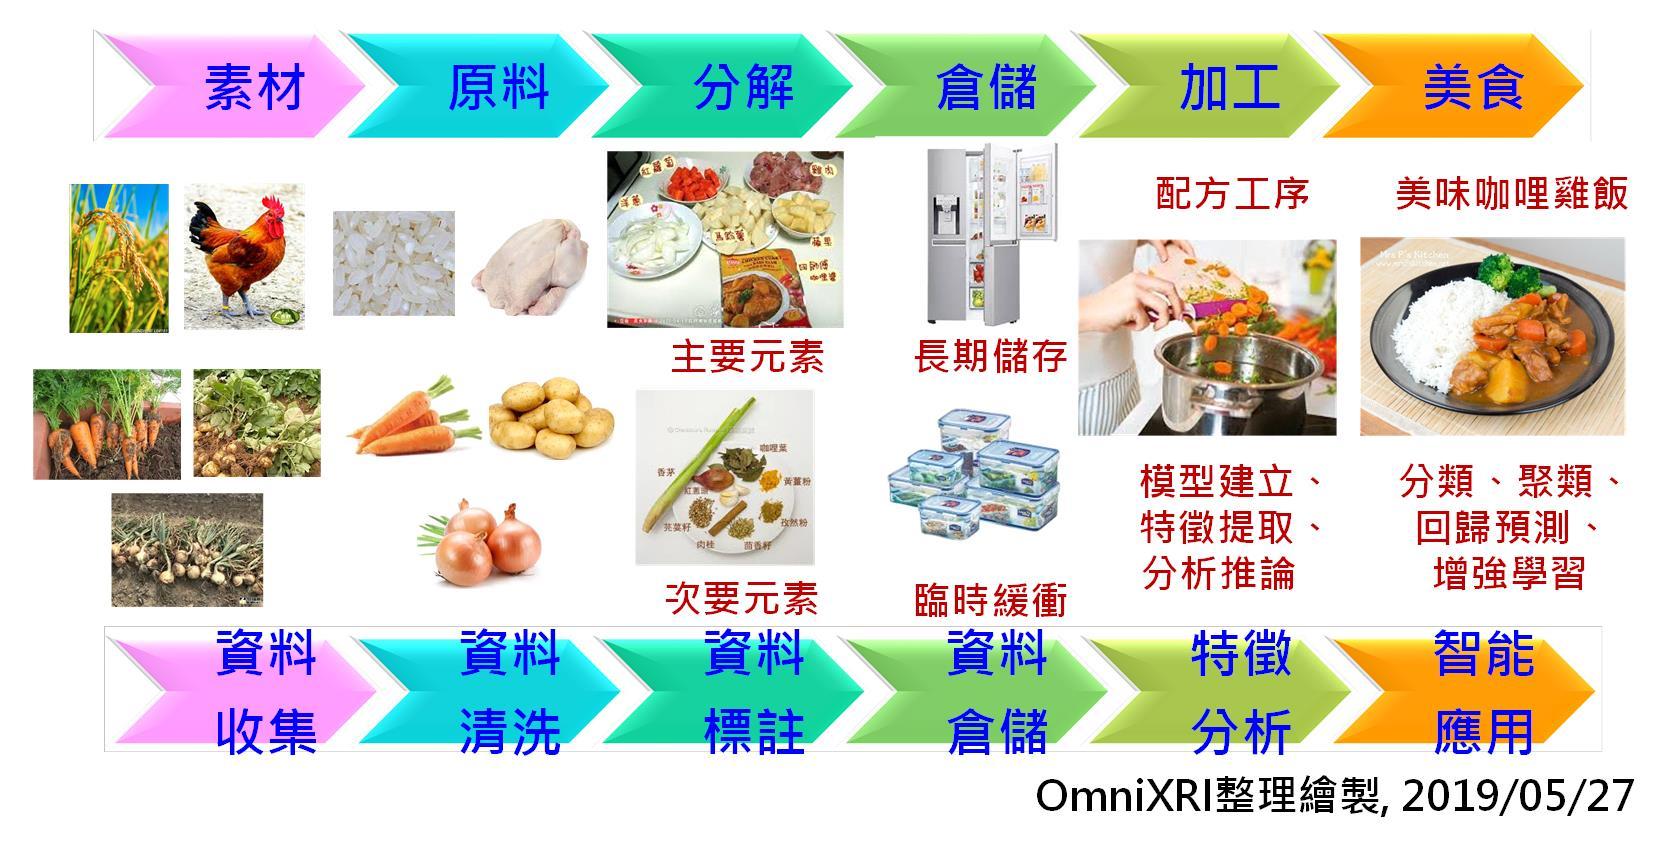 人工智慧(AI)專案與咖哩飯製作流程比較